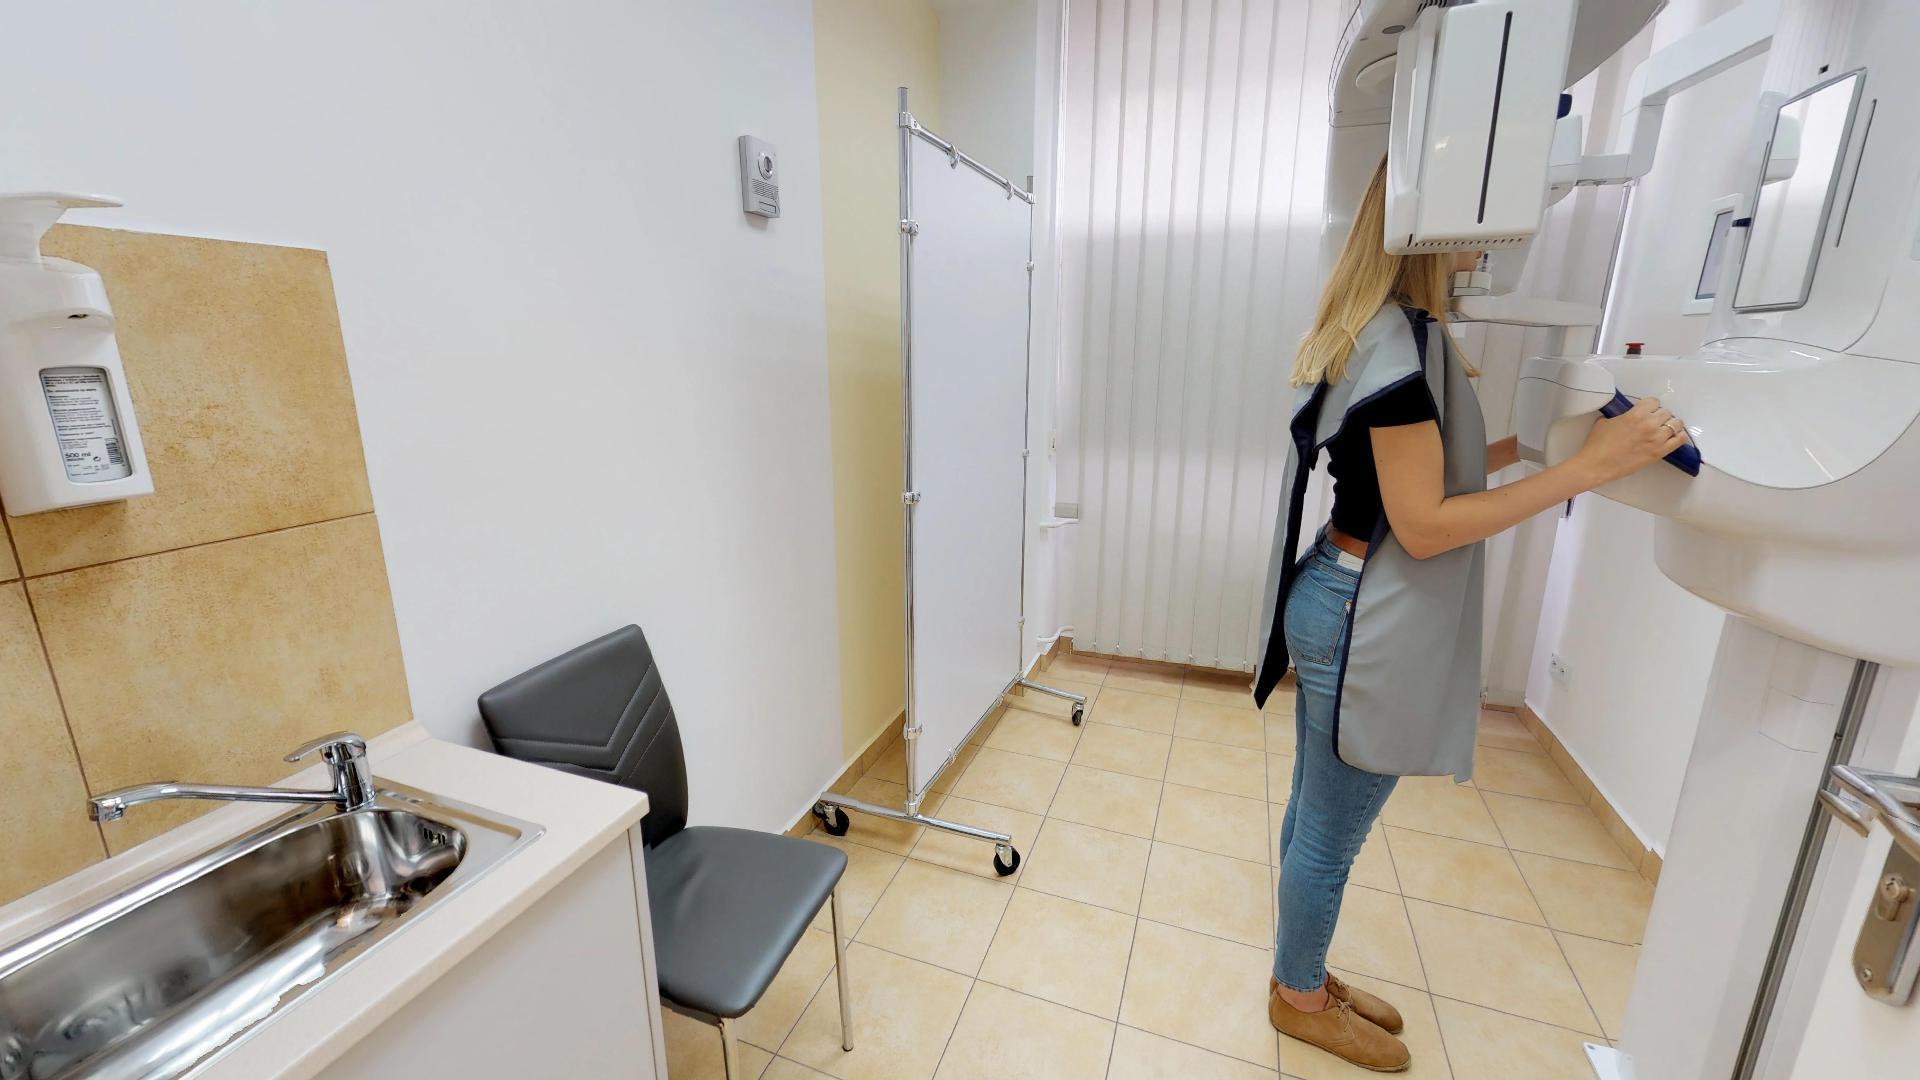 wirtualny spacer klinika